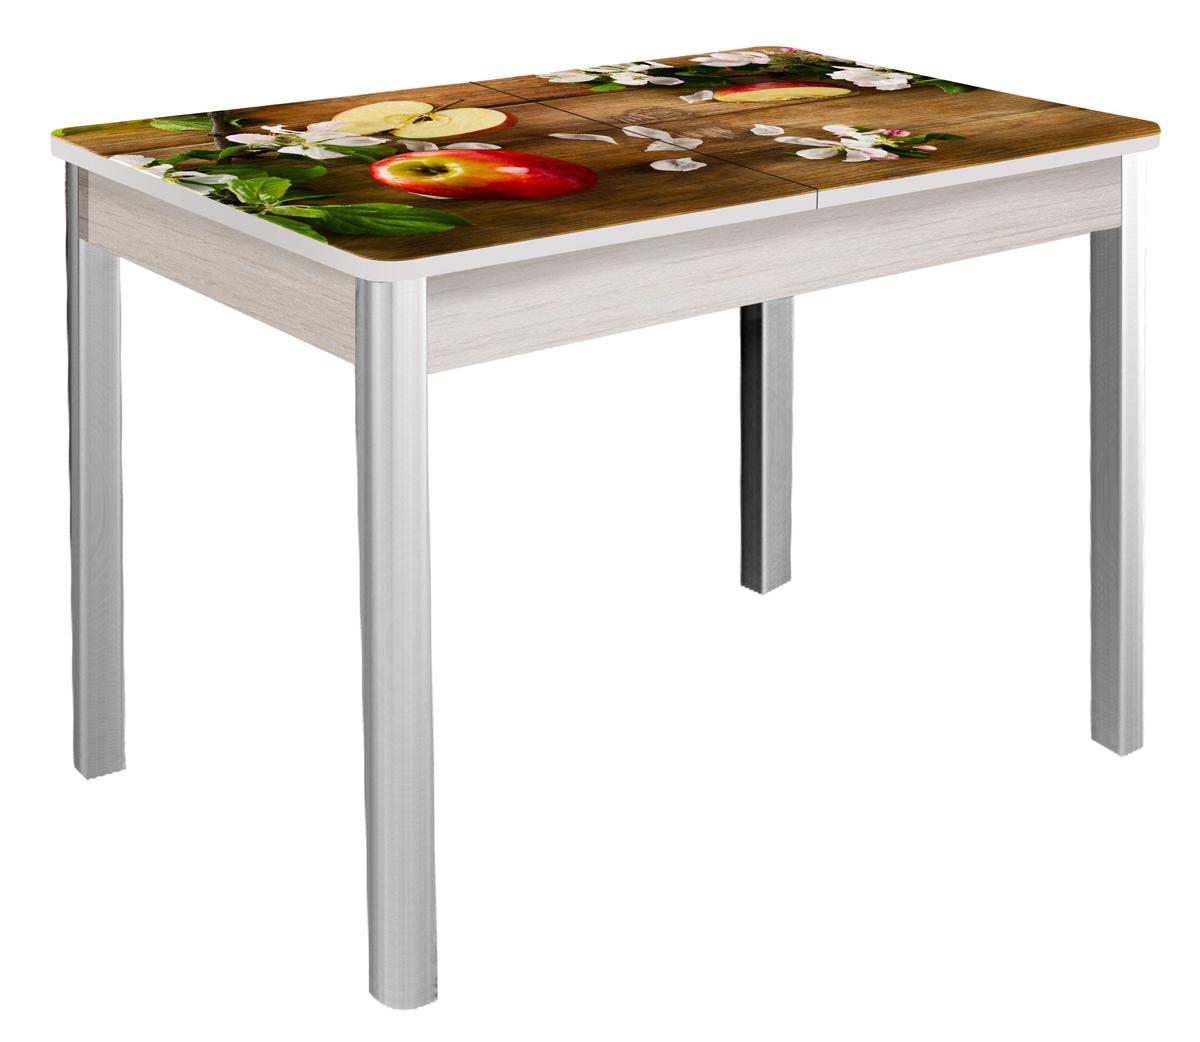 Стол фотопечать 87х60 см. стеклянный раздвижной, хром (арт. М4279)